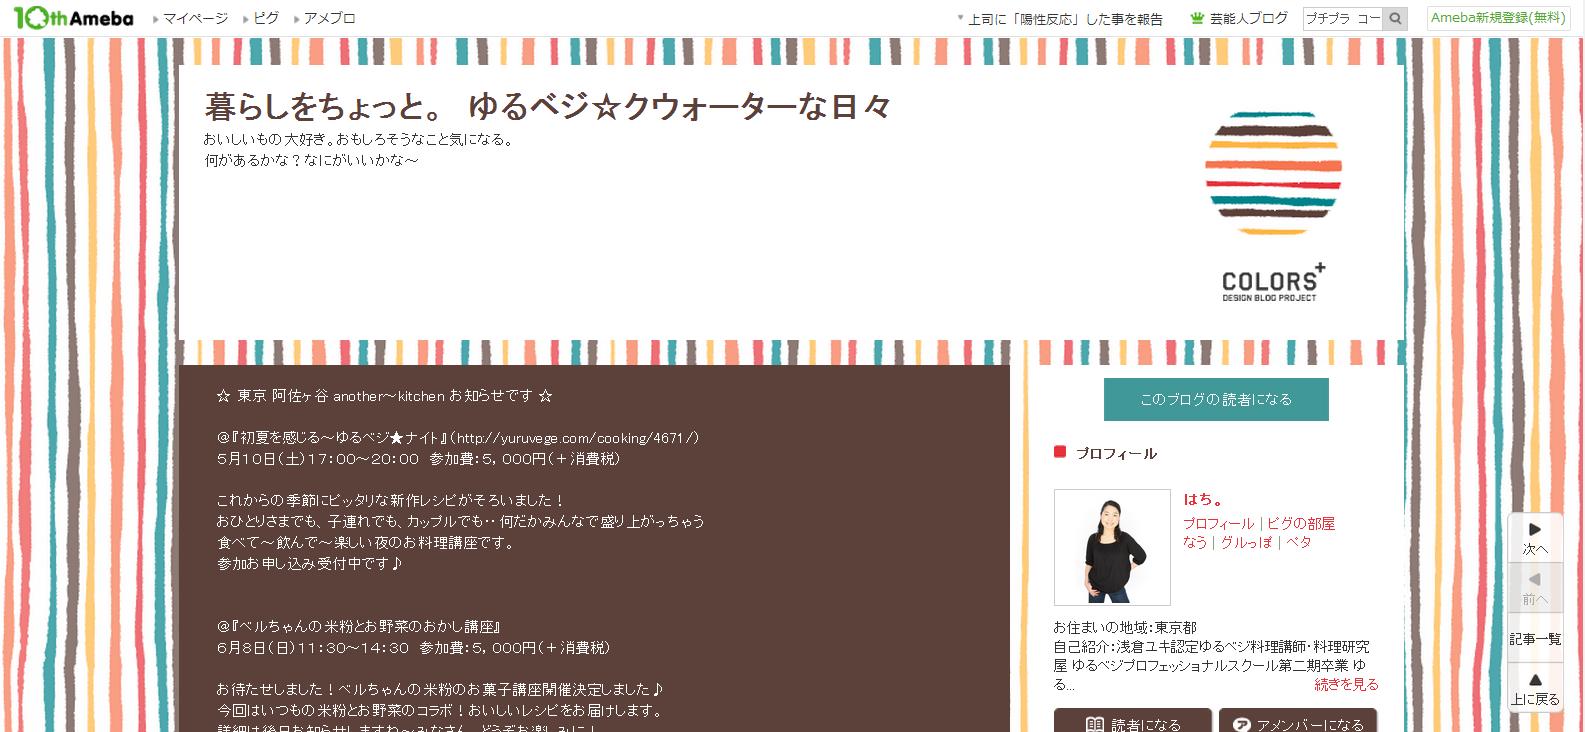 浅倉ユキ認定ゆるベジ料理講師・料理研究屋  はせがわやちよ(はち)さんのブログ↓